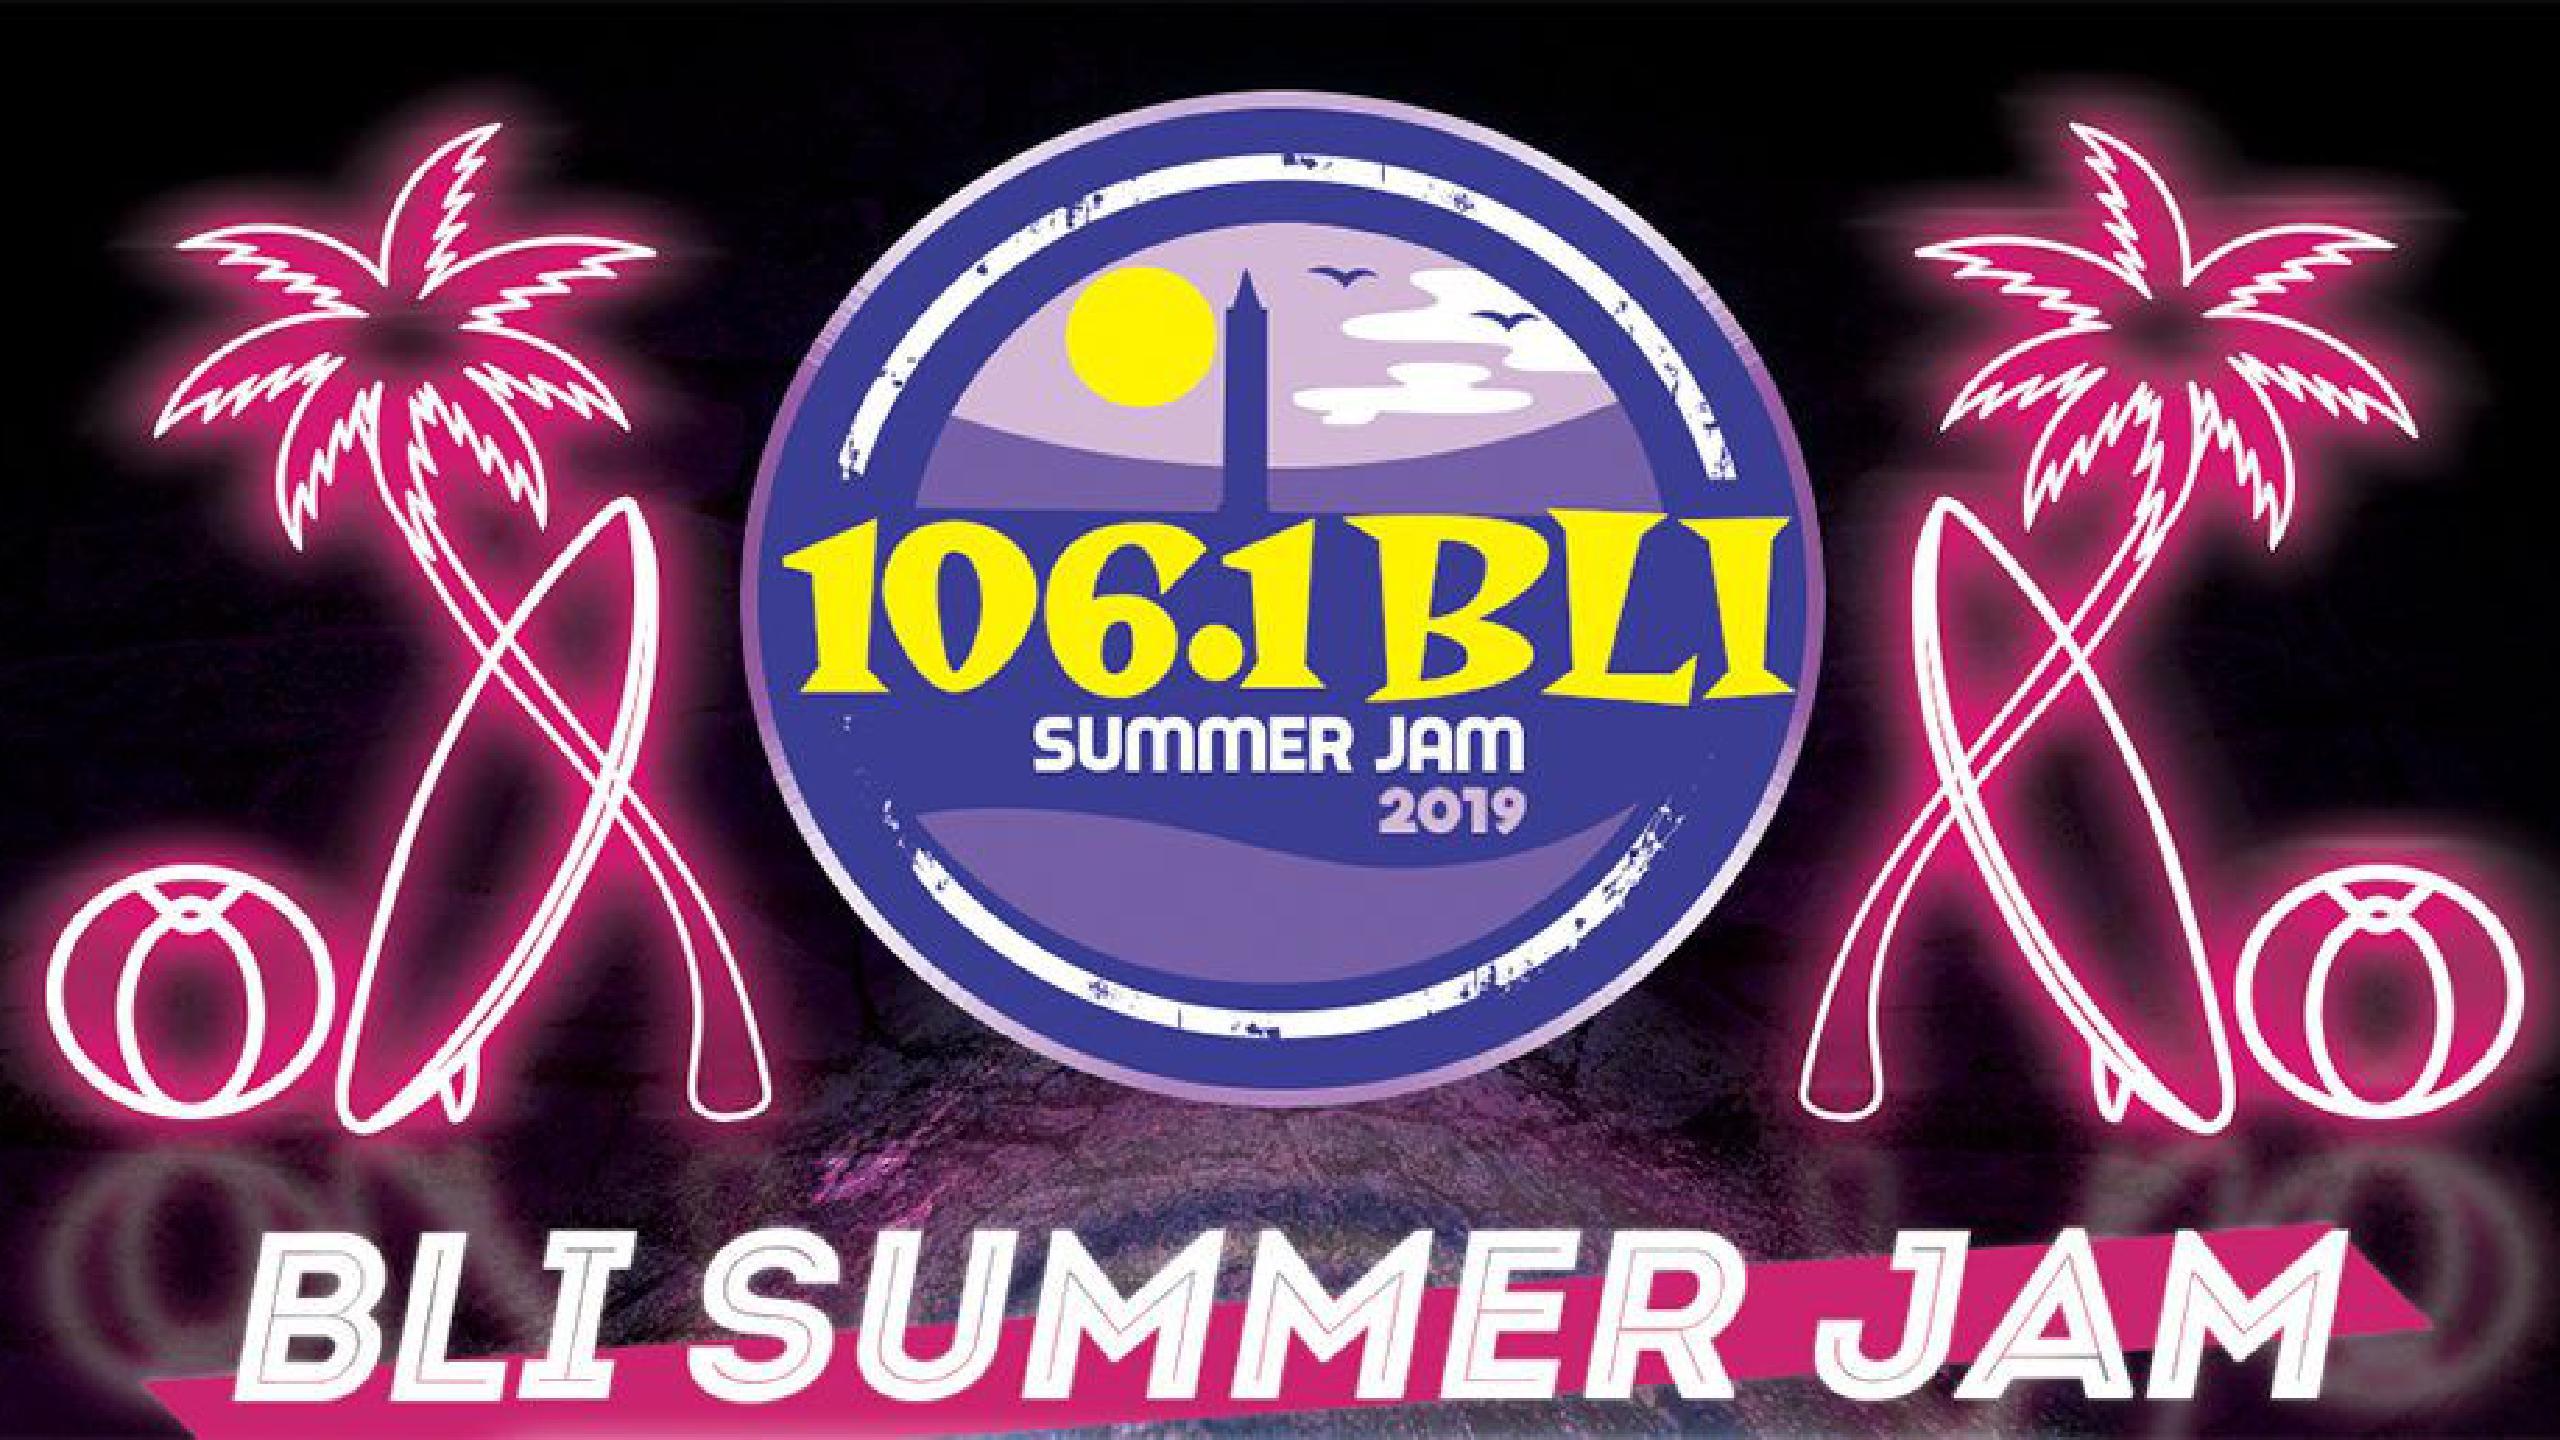 Bli Summer Jam 2019 Tickets lineup bands for Bli Summer Jam 2560x1440